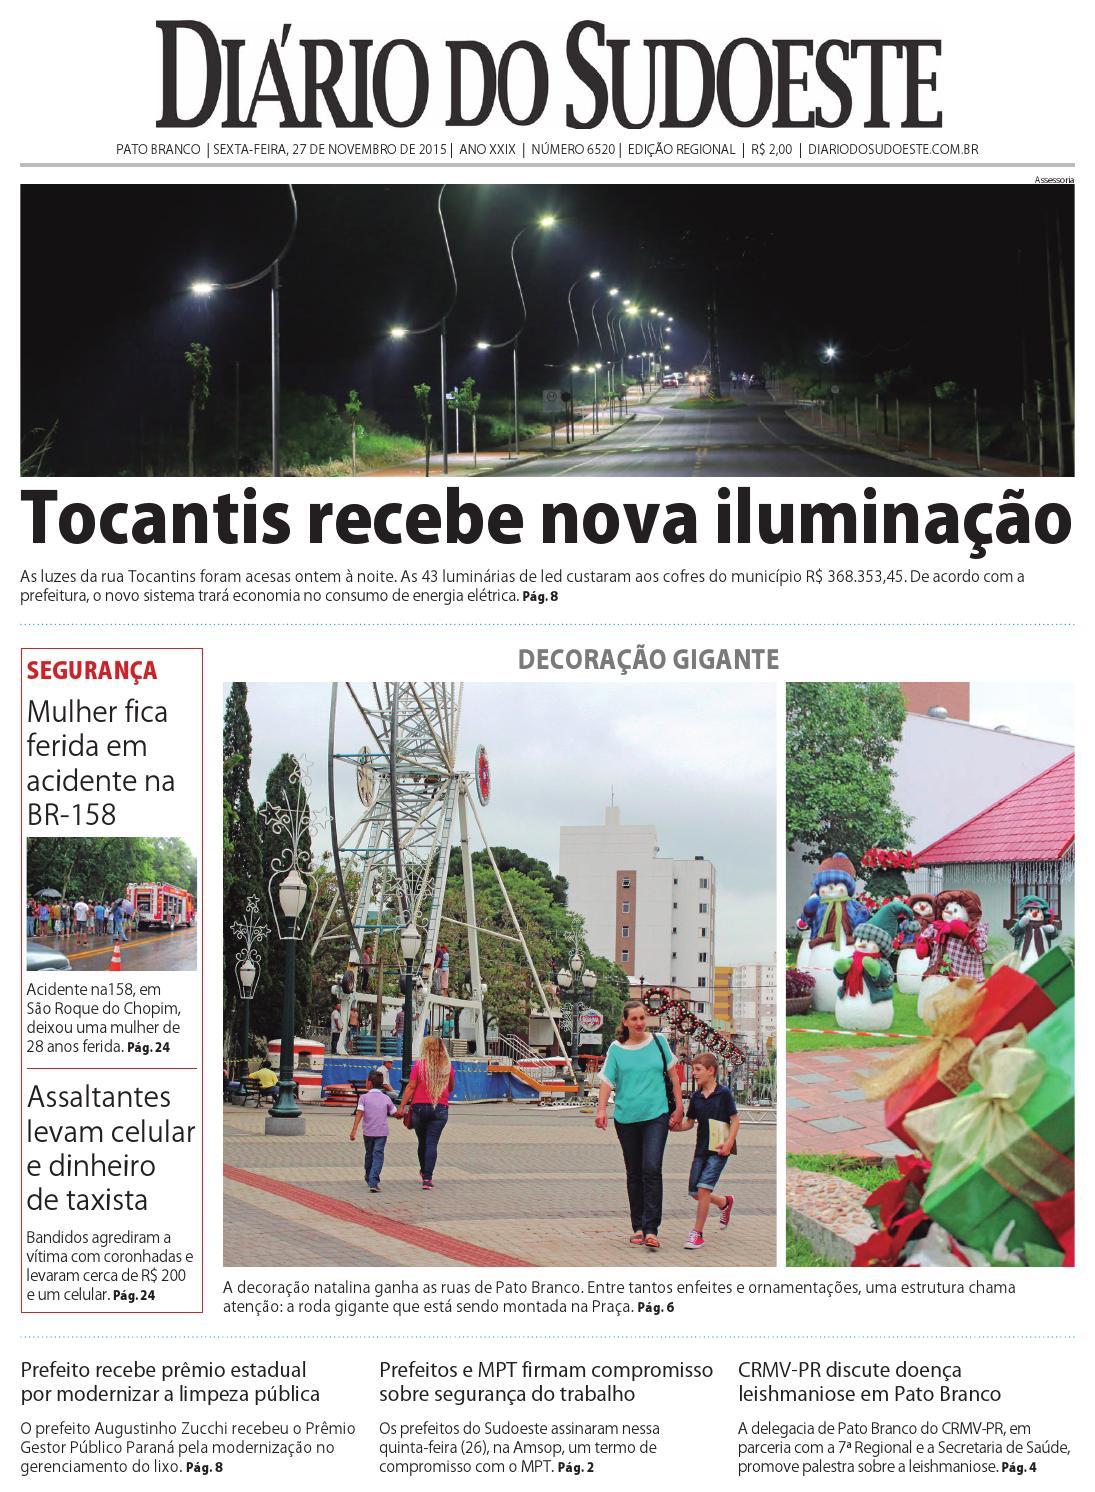 816c818f84dca Diário do sudoeste 27 de novembro de 2015 ed 6520 by Diário do Sudoeste -  issuu